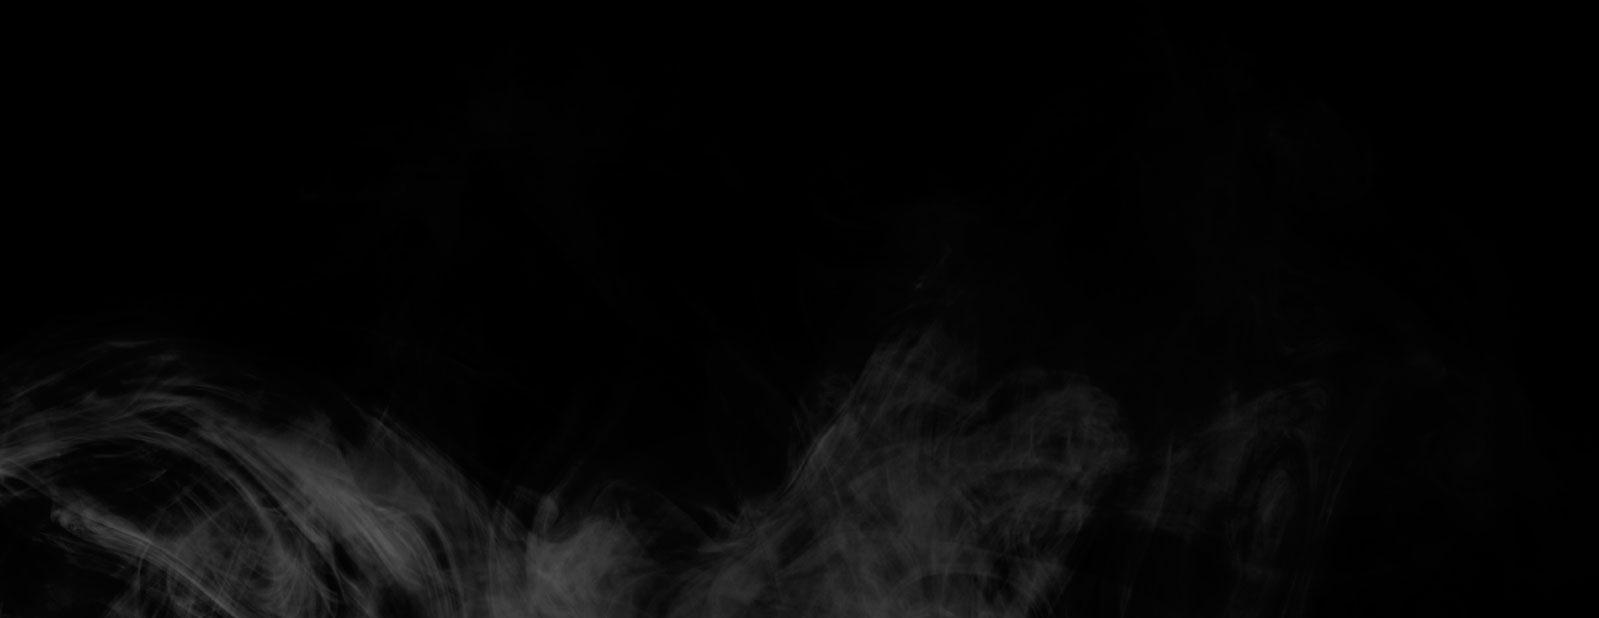 Novel Technique Affirms Presence of Dark Energy